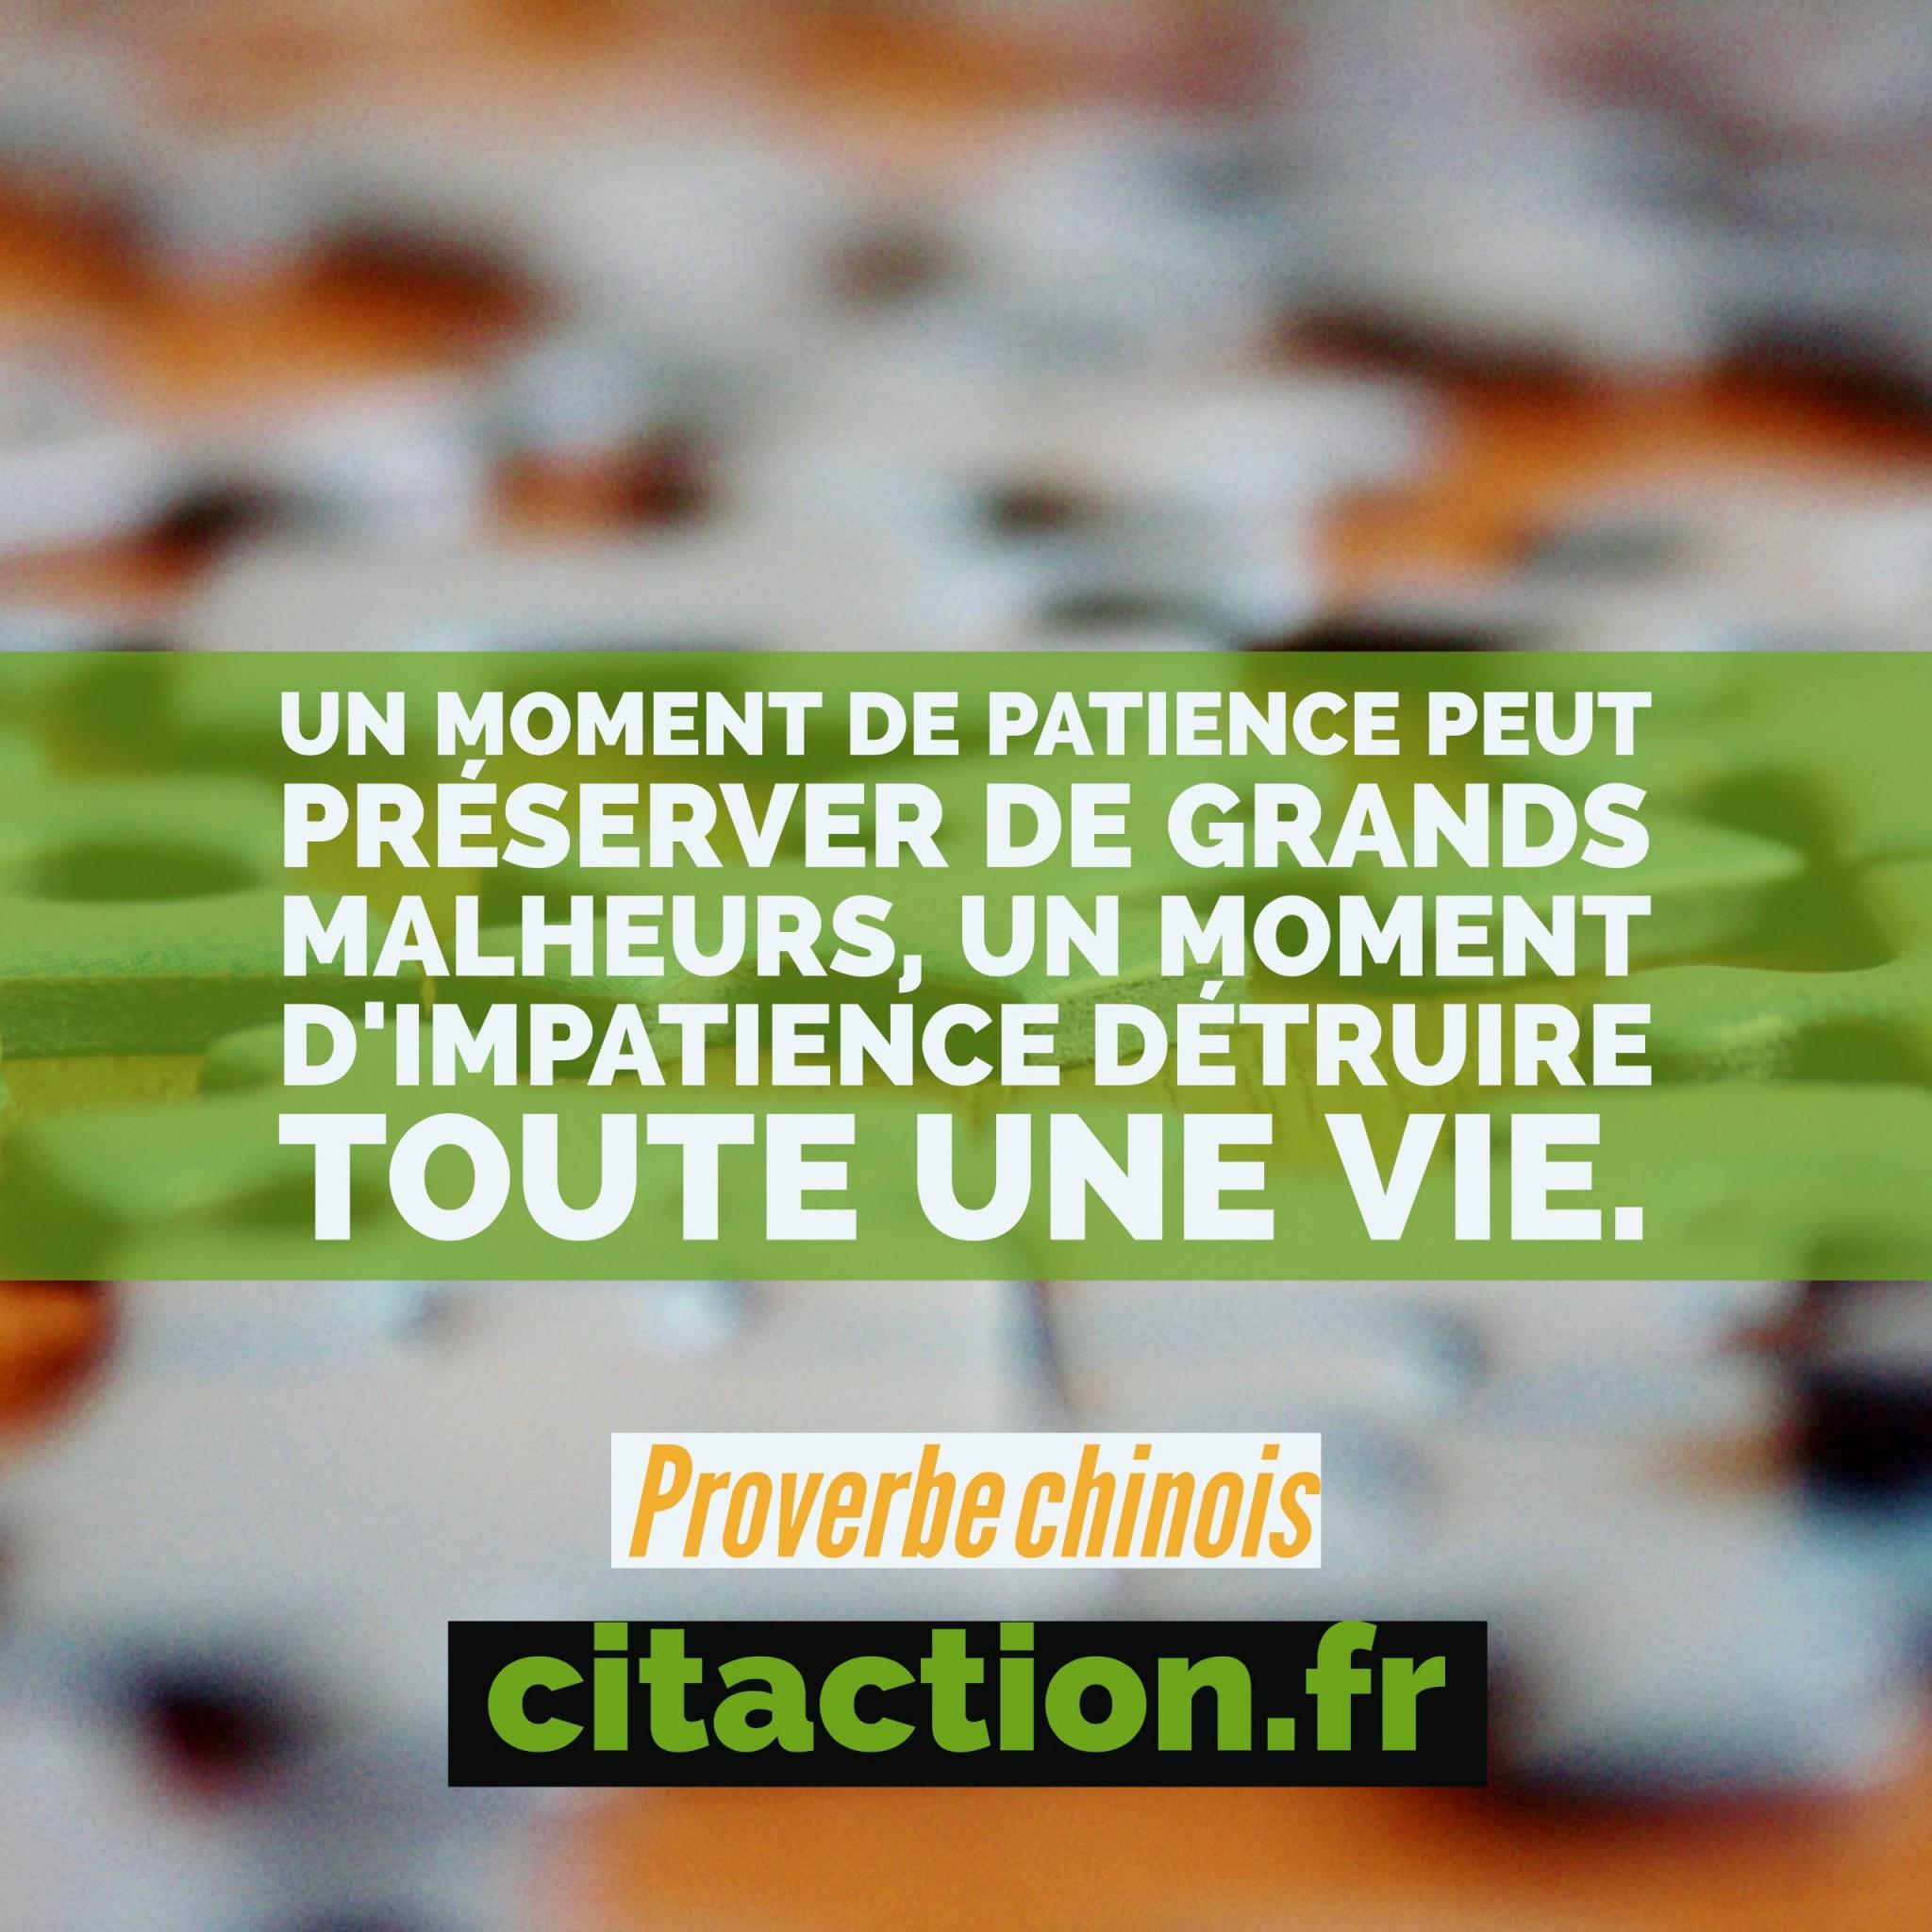 Un moment de patience peut préserver de grands malheurs, un moment d'impatience détruire toute une vie.